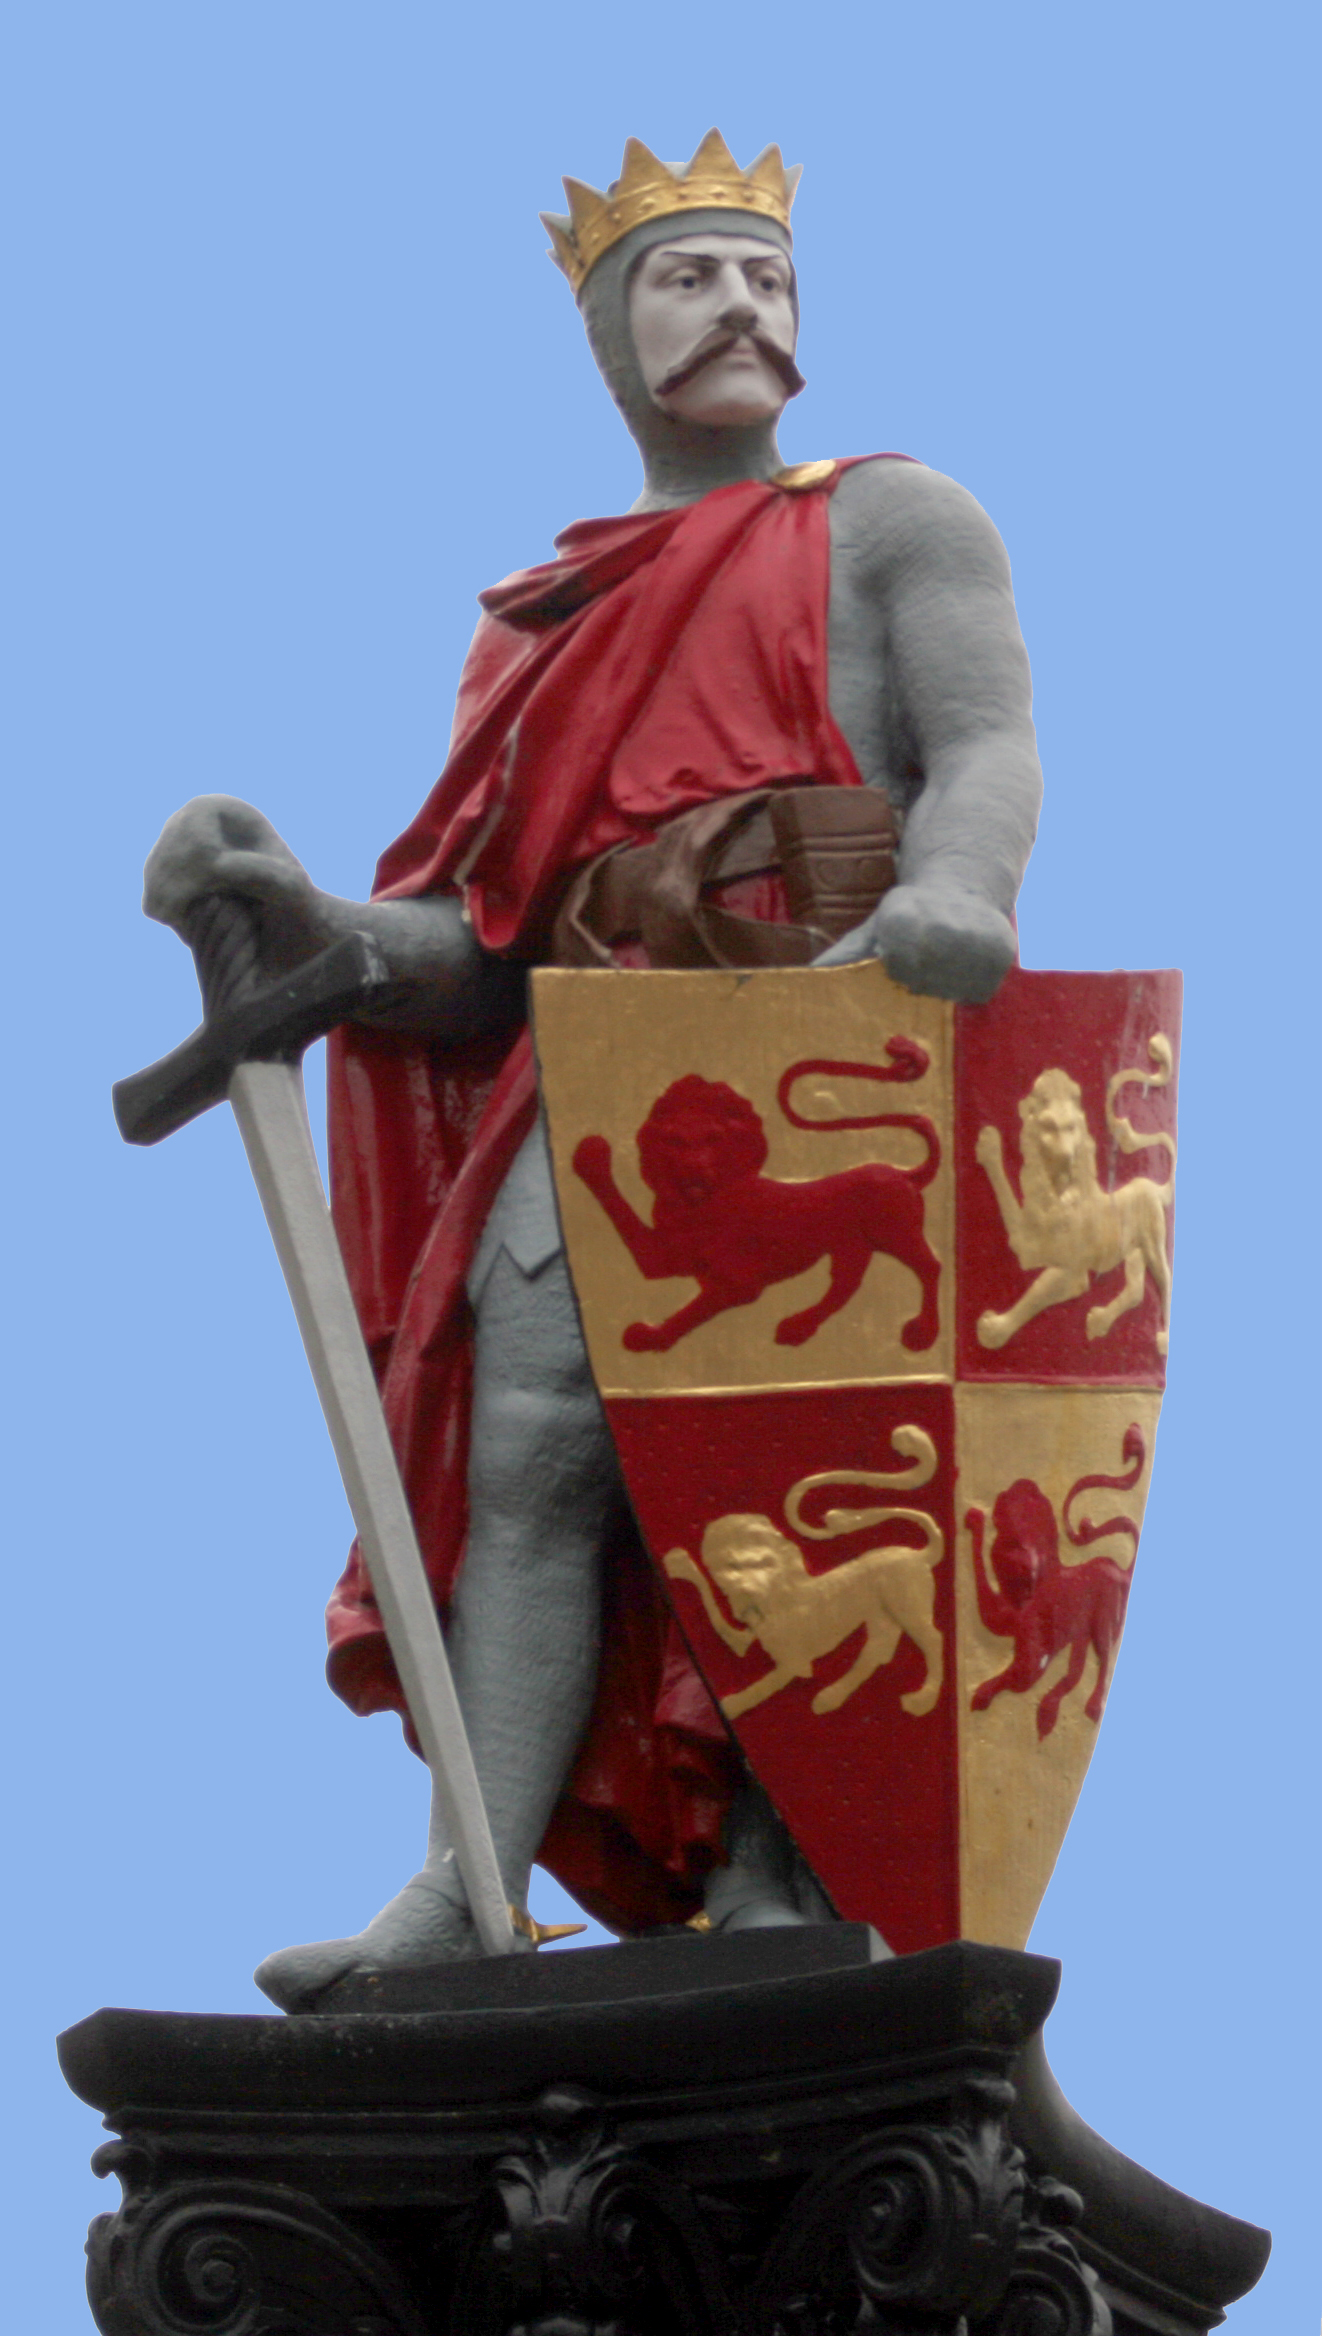 Statue of Llywelyn Fawr at Conwy